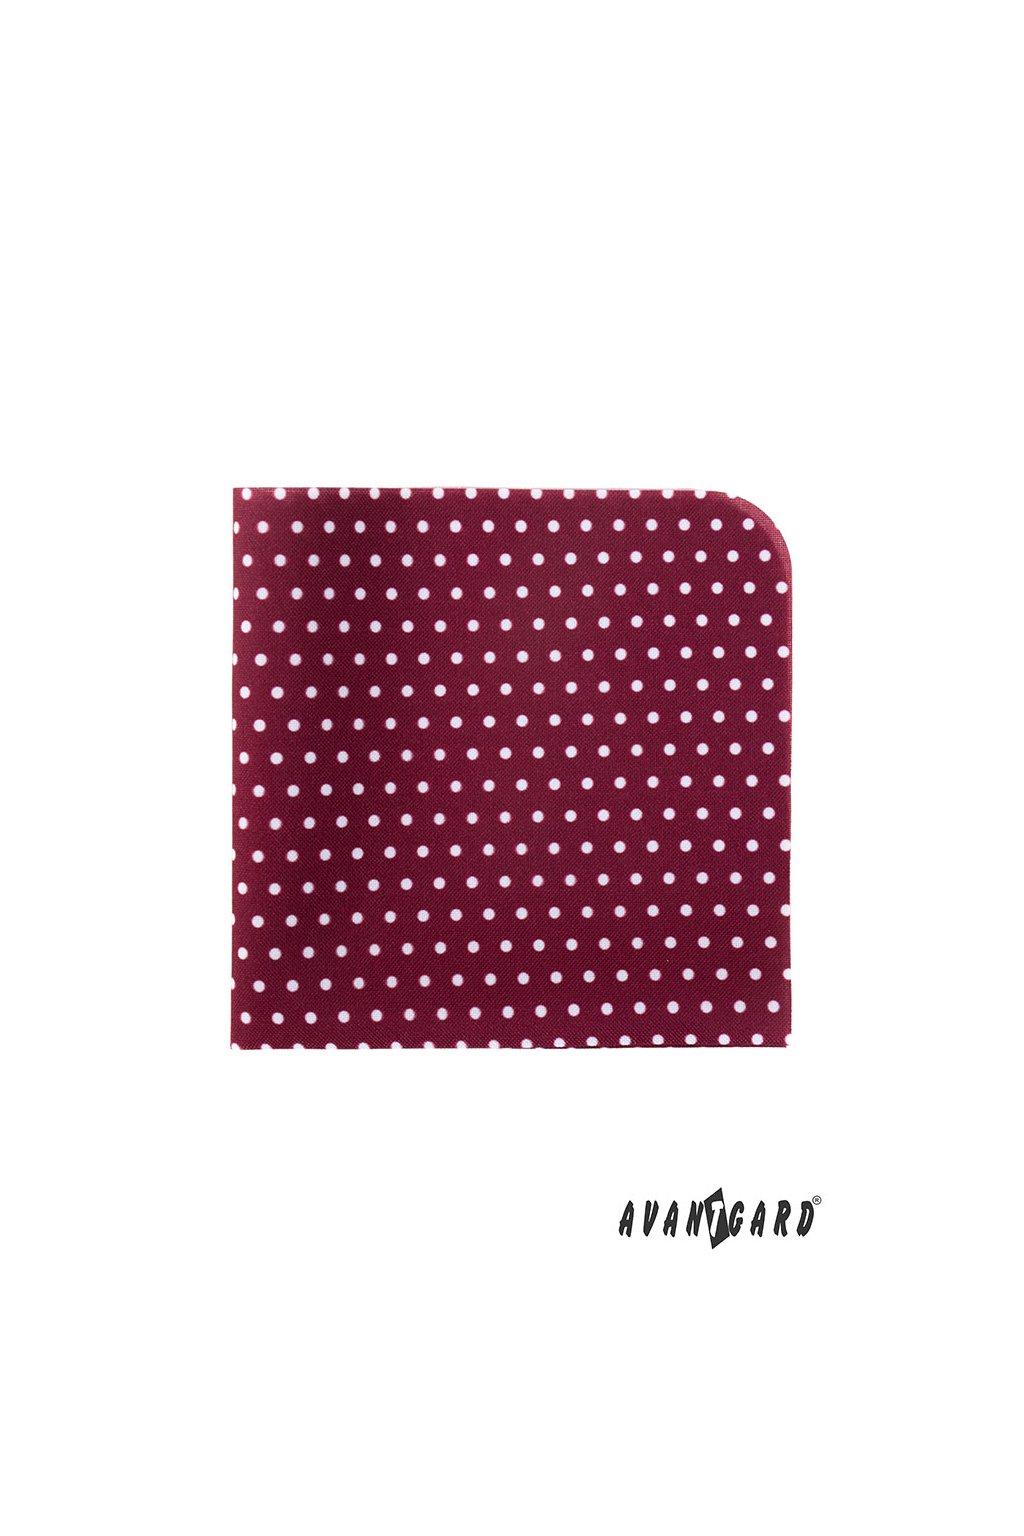 Kapesníček do saka LUX bordó s bílými puntíky 583 - 1980